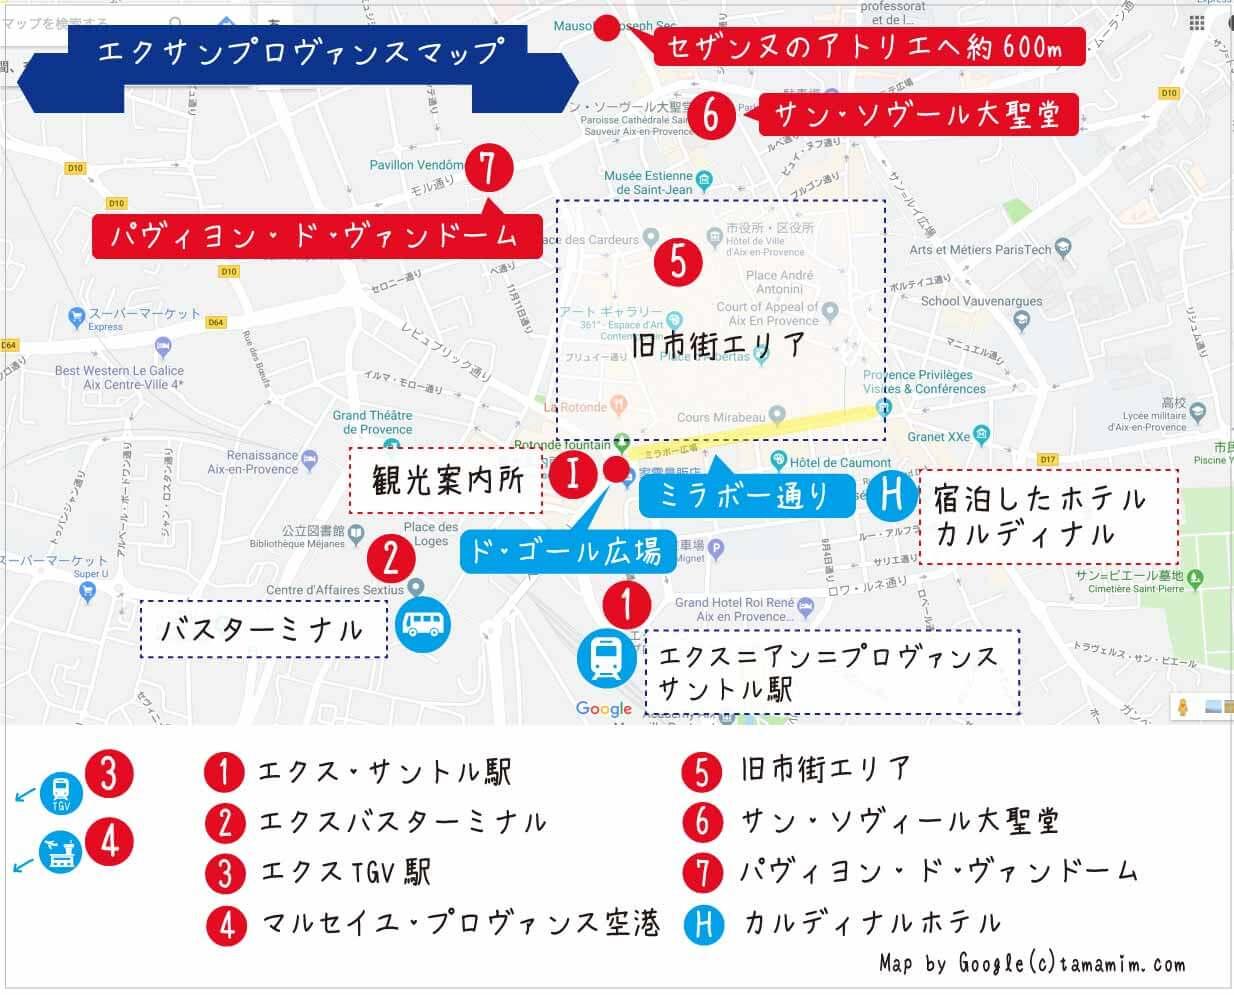 エクサンプロヴァンスの観光マップ